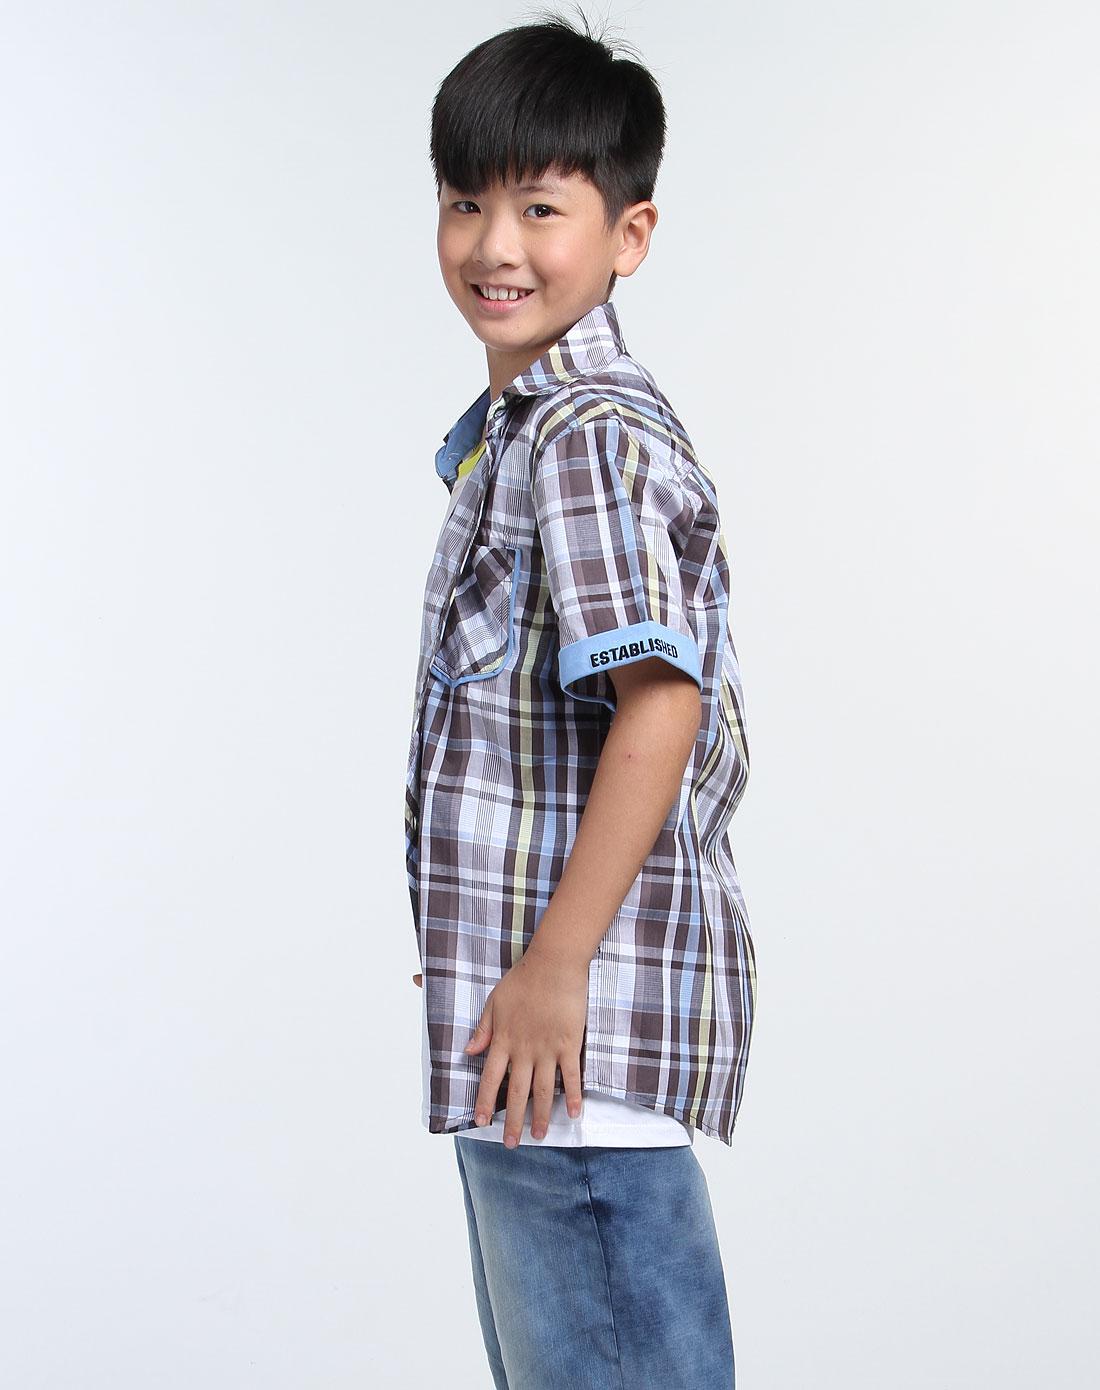 男童灰/白色短袖衬衫